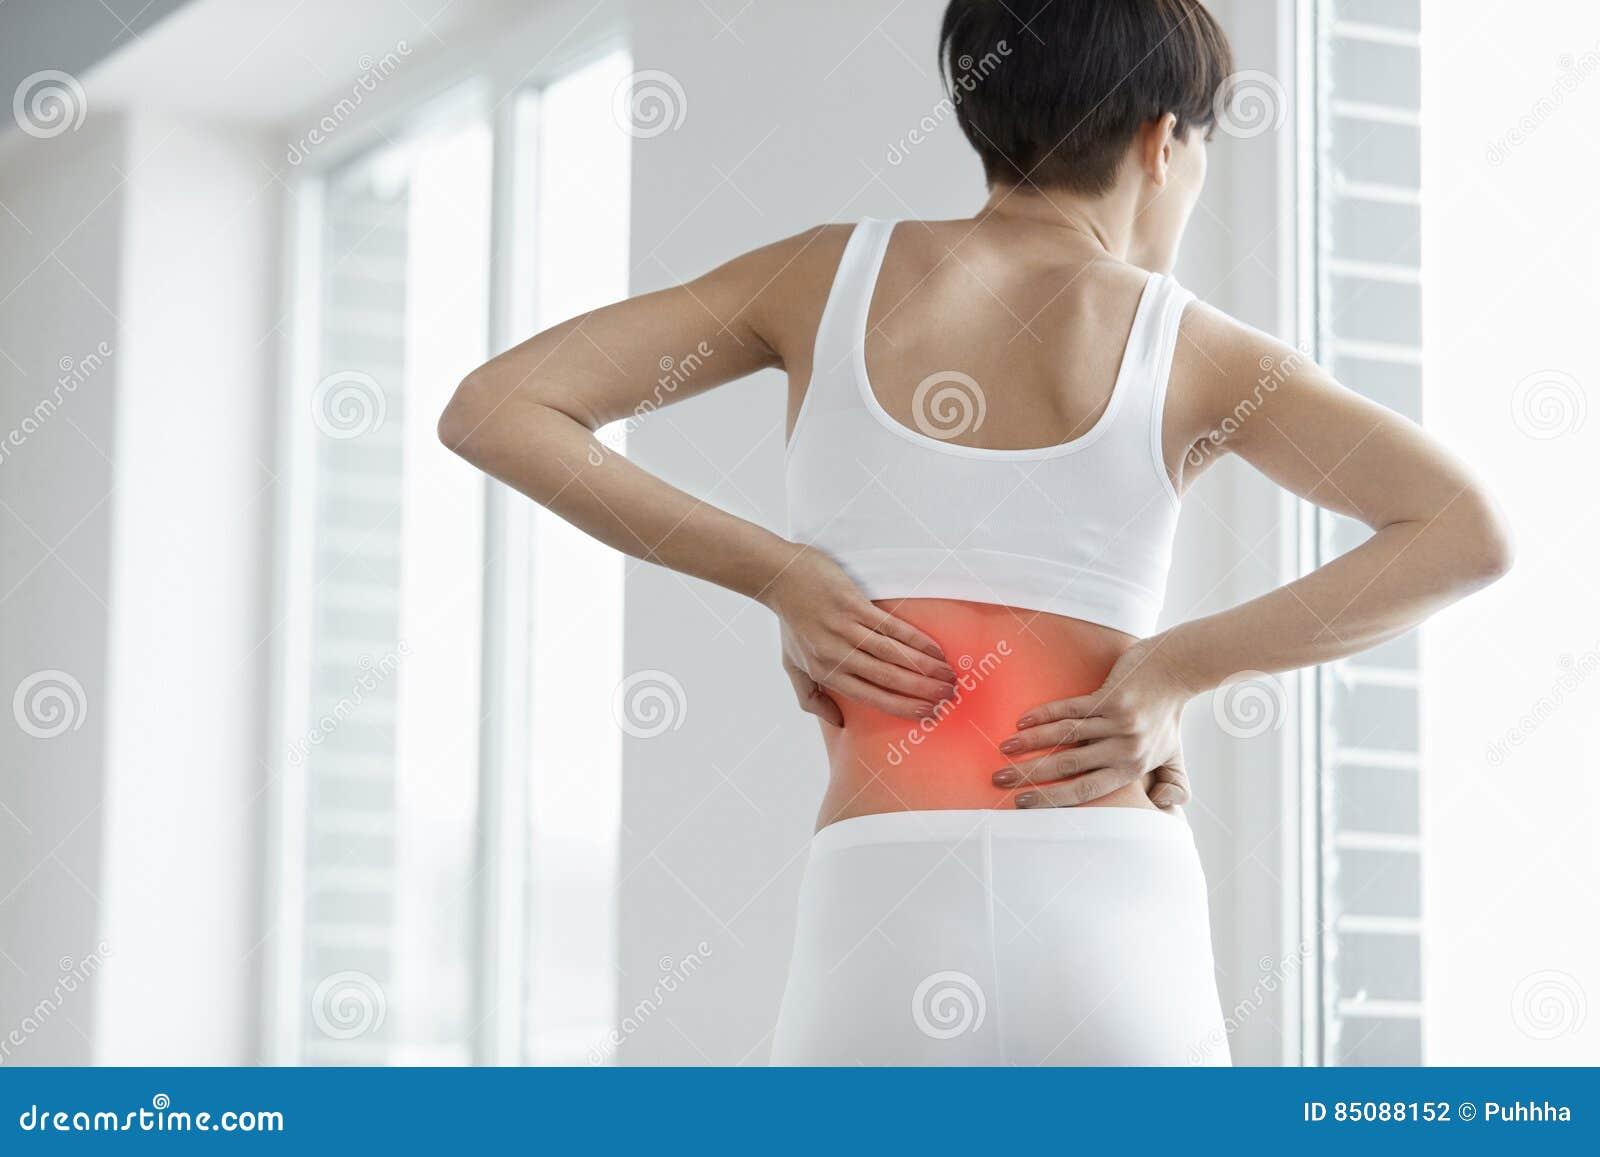 Bolącego plecy łóżka bolący target759_0_ wizerunku uraz target762_0_ męskiego mężczyzna mięśnia szyi bólu stronniczo surowego ram